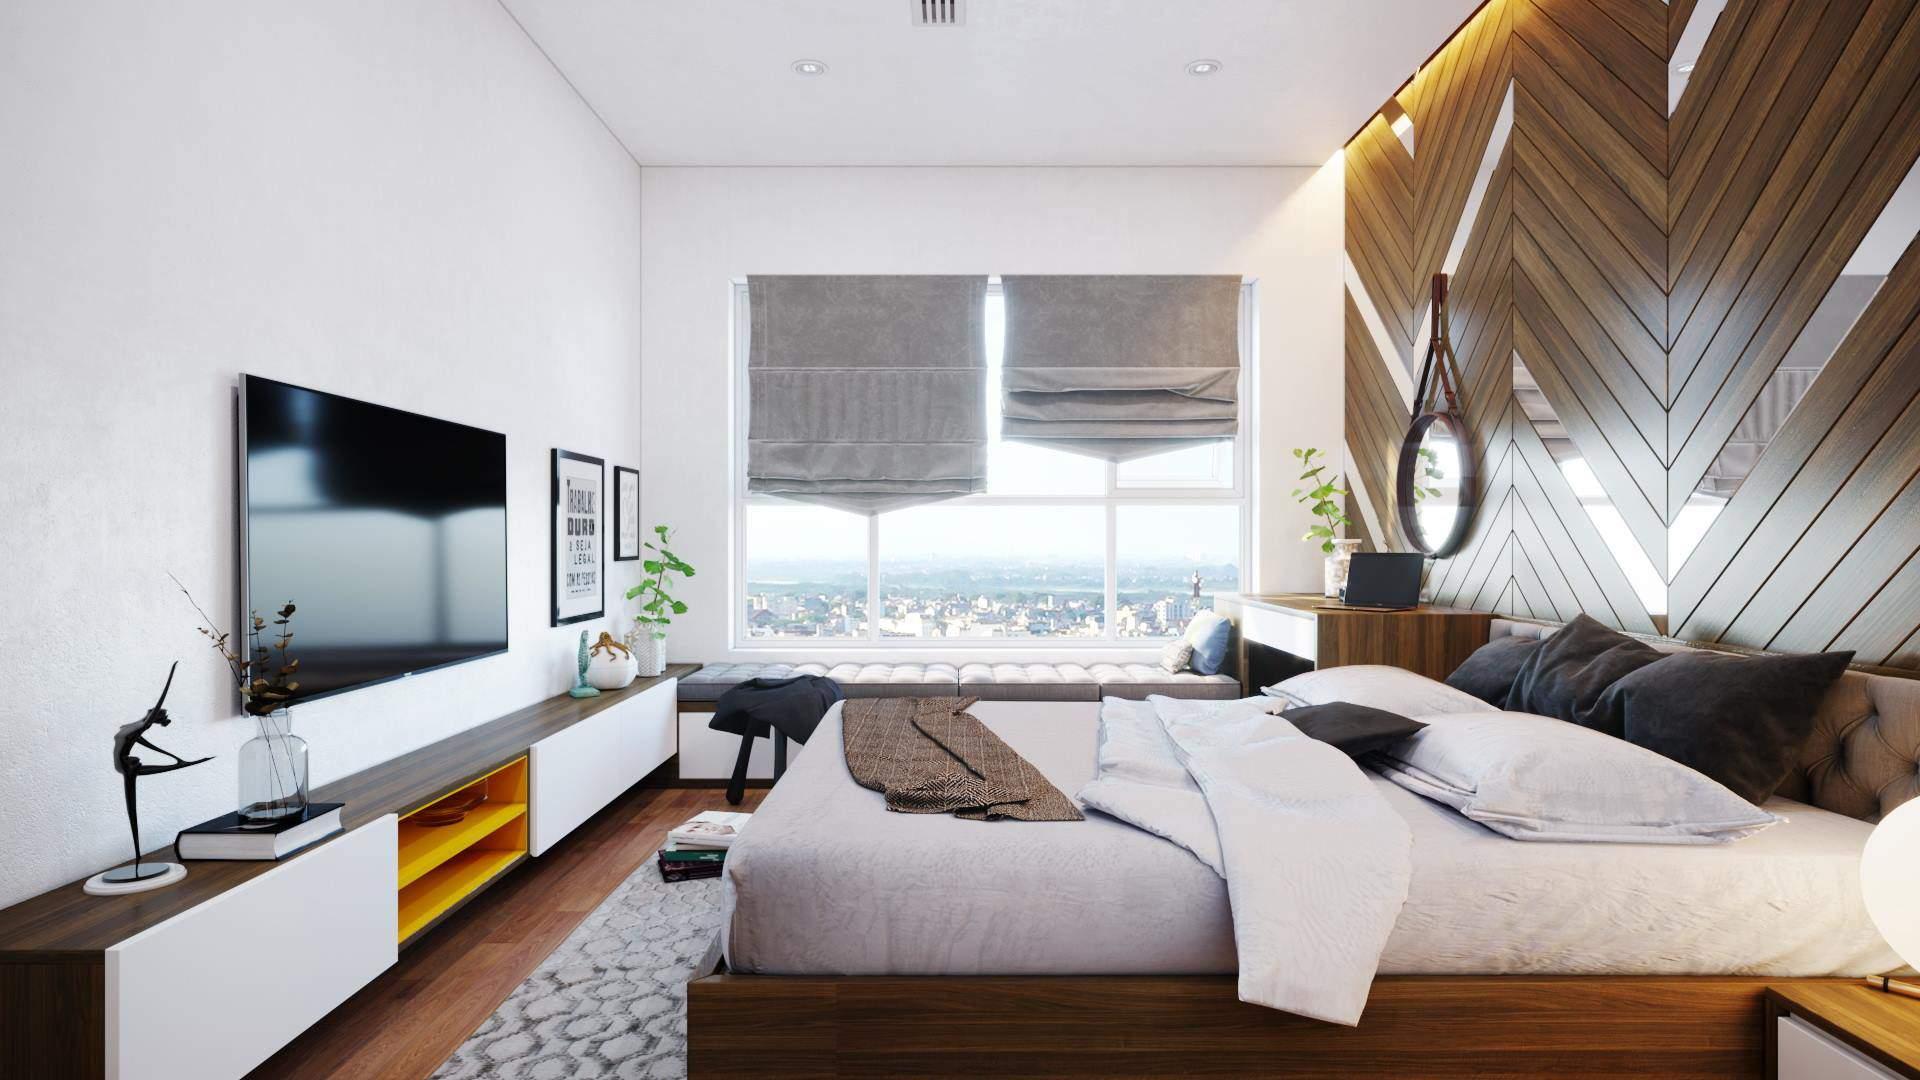 Mẫu thiết kế phòng ngủ hiện đại theo phong cách Hàn Quốc